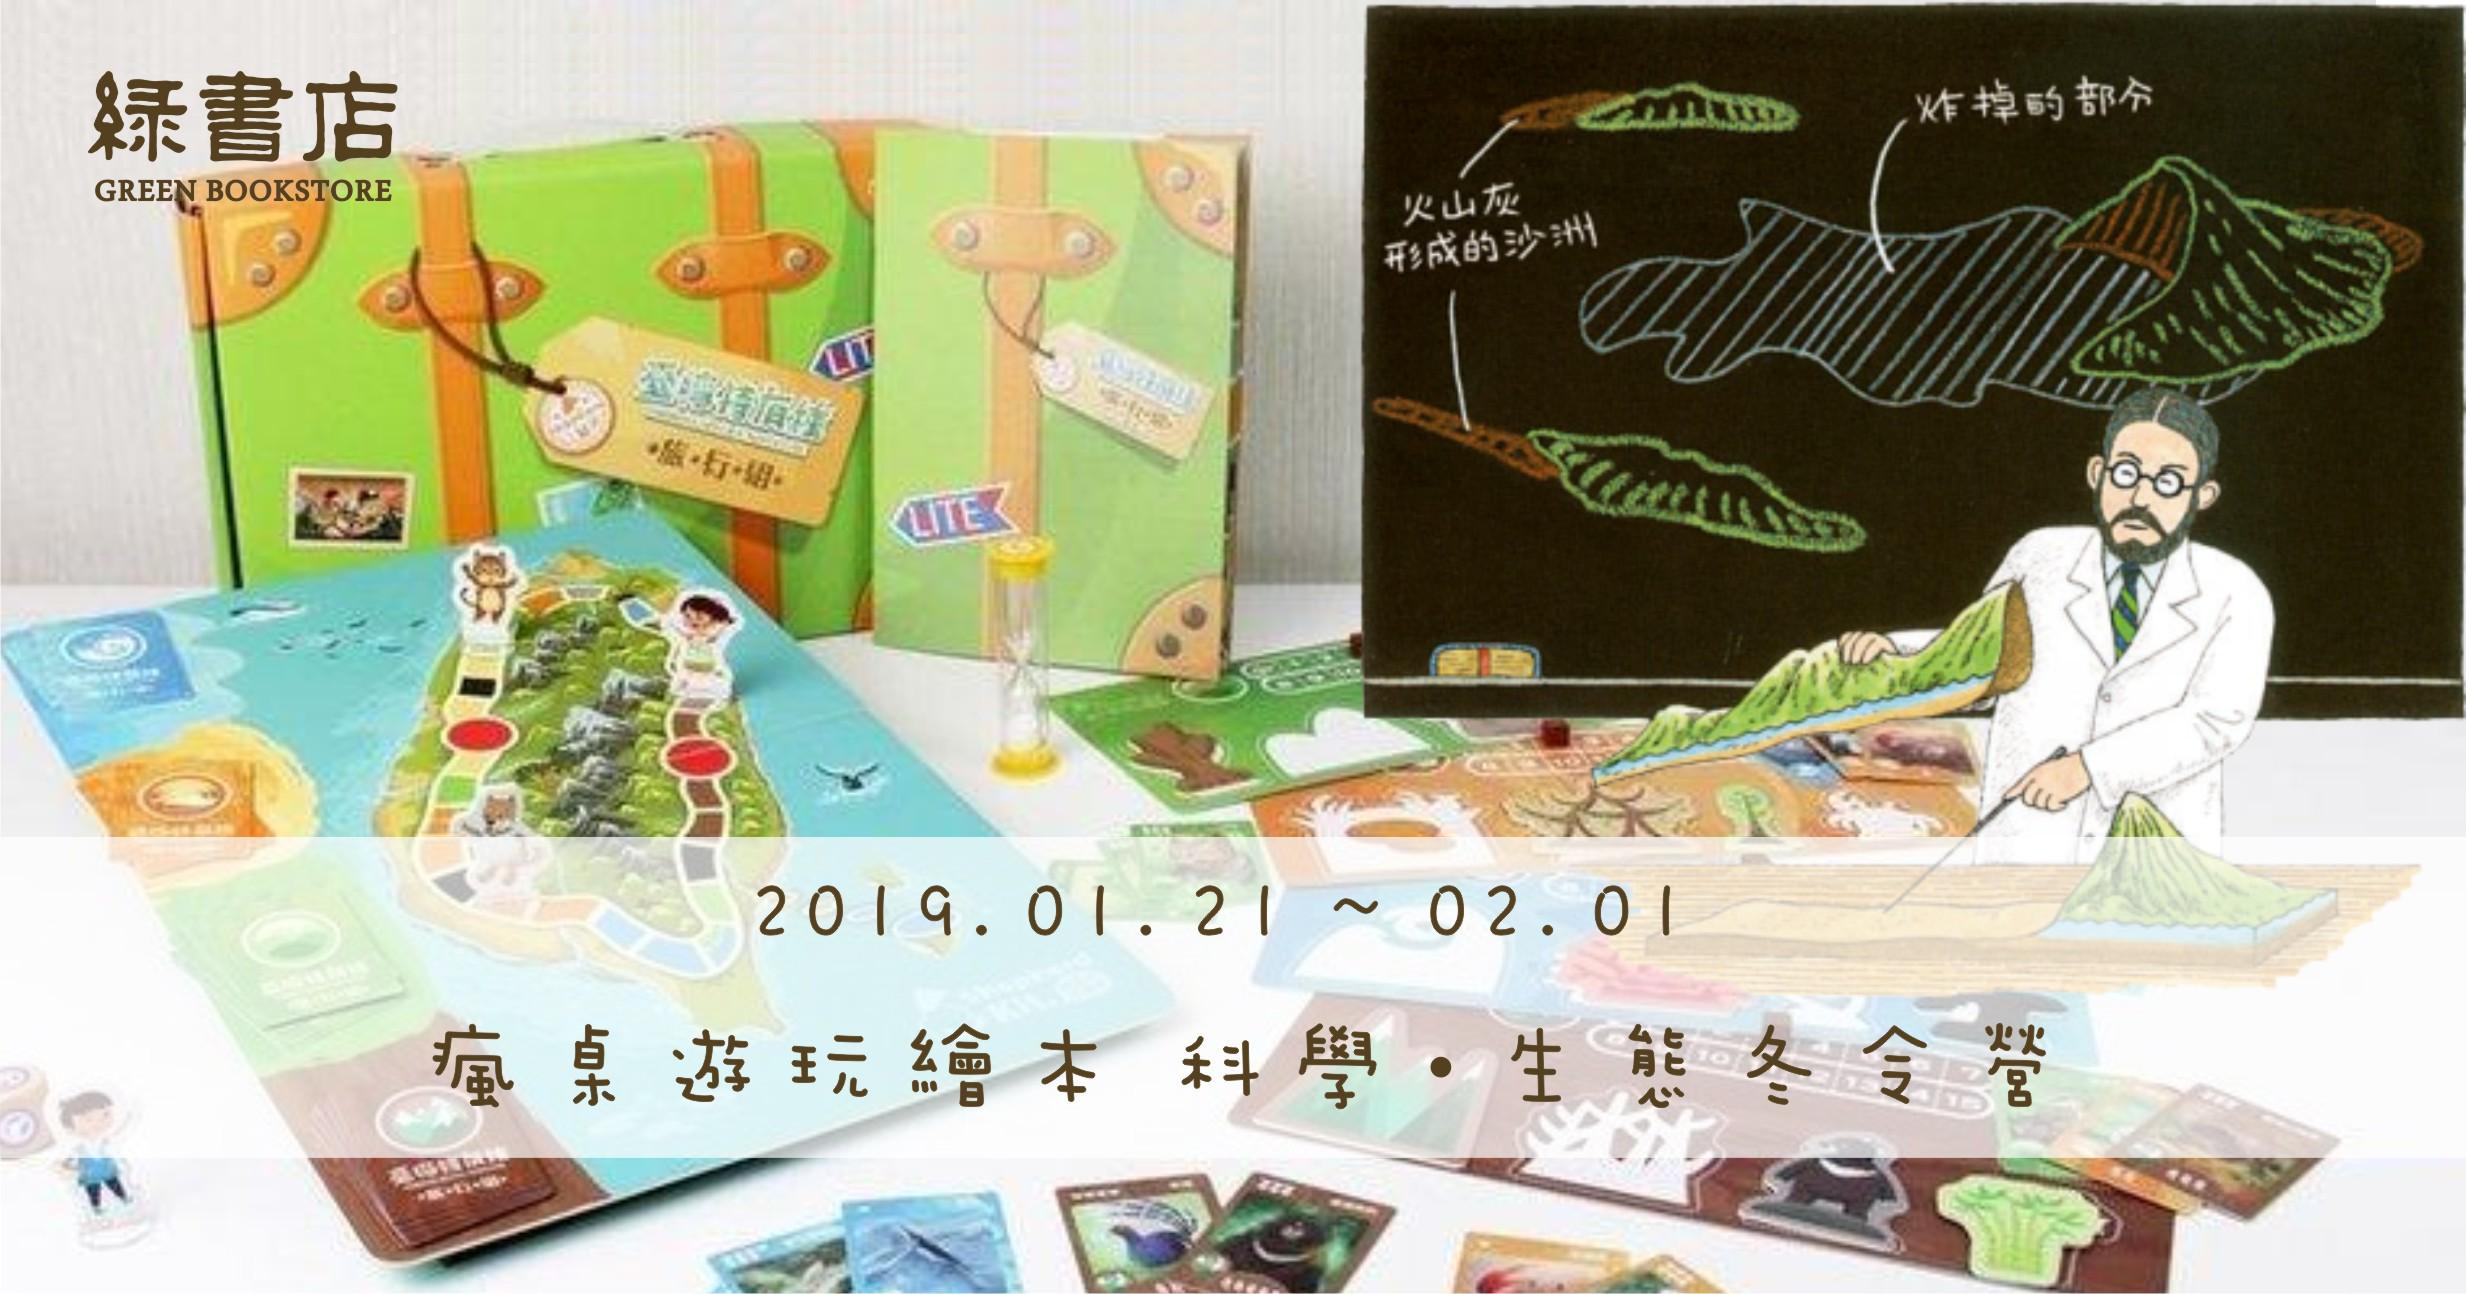 2019 綠書店 _ 「瘋桌遊.玩繪本」科學.生態 冬令營